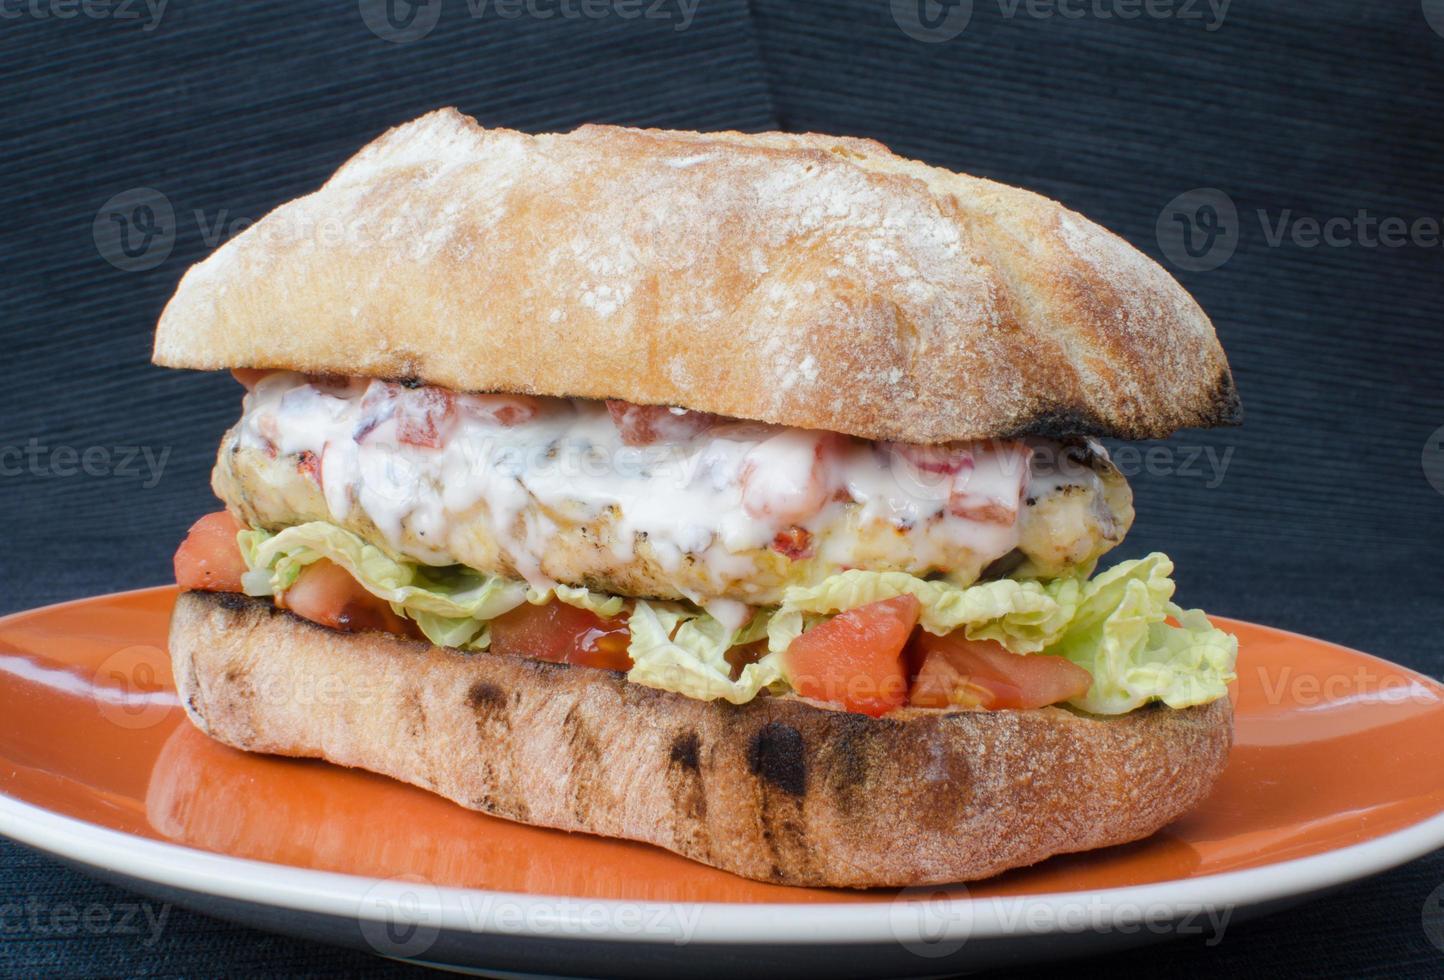 italienischer Hühnchenburger foto